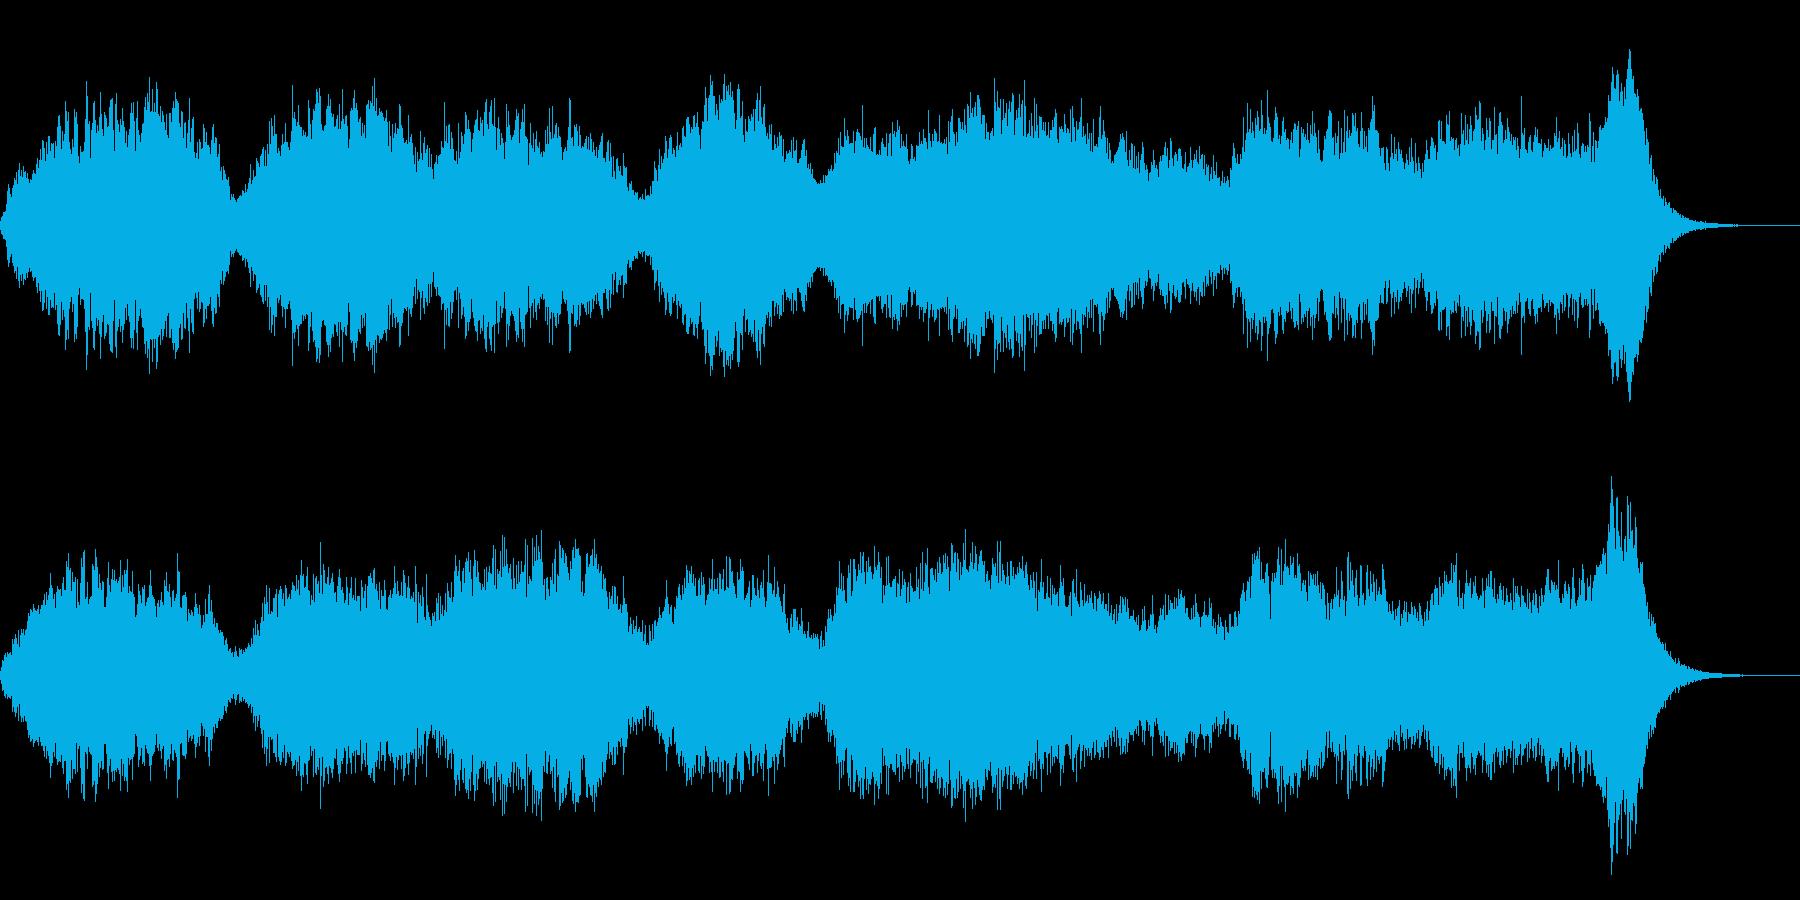 サスペンスホラーの不安感オーケストラの再生済みの波形